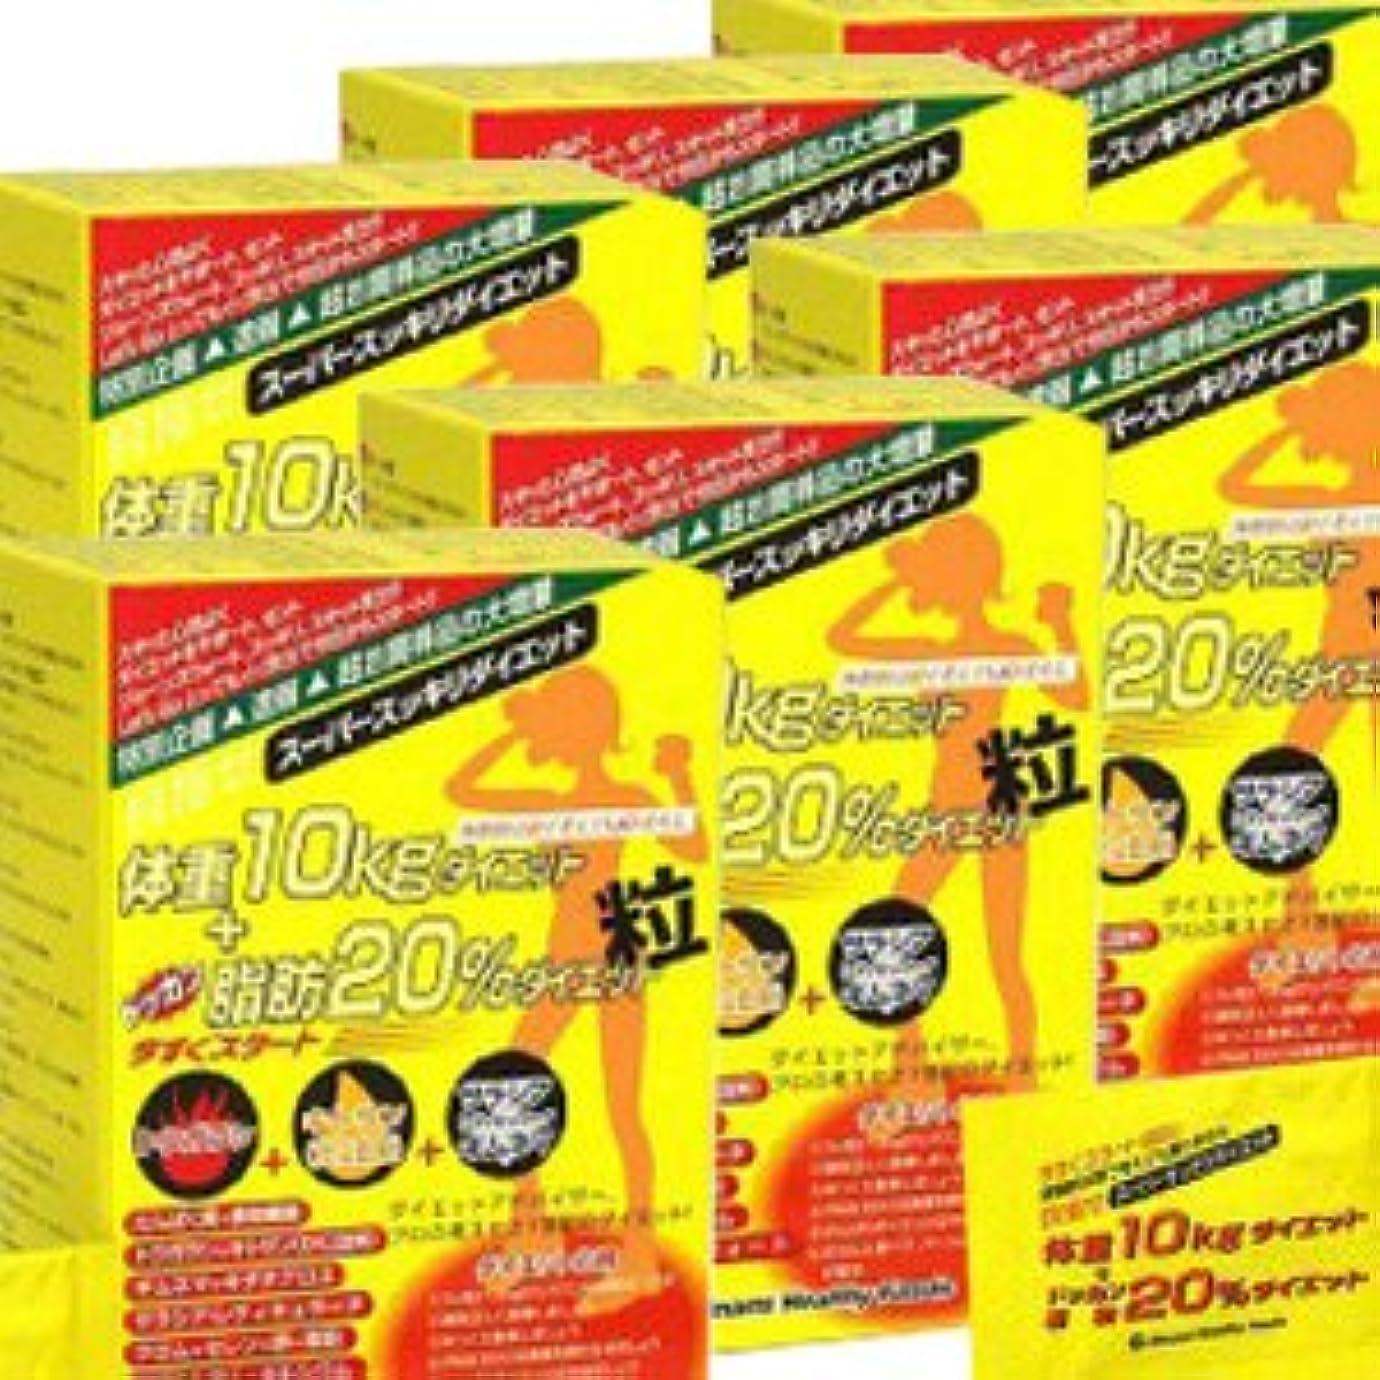 ゴムハーネス代数【6箱】目指せ体重10kgダイエット+ドッカン脂肪20%ダイエット粒 (6粒x75袋)x6箱 (4945904010341)